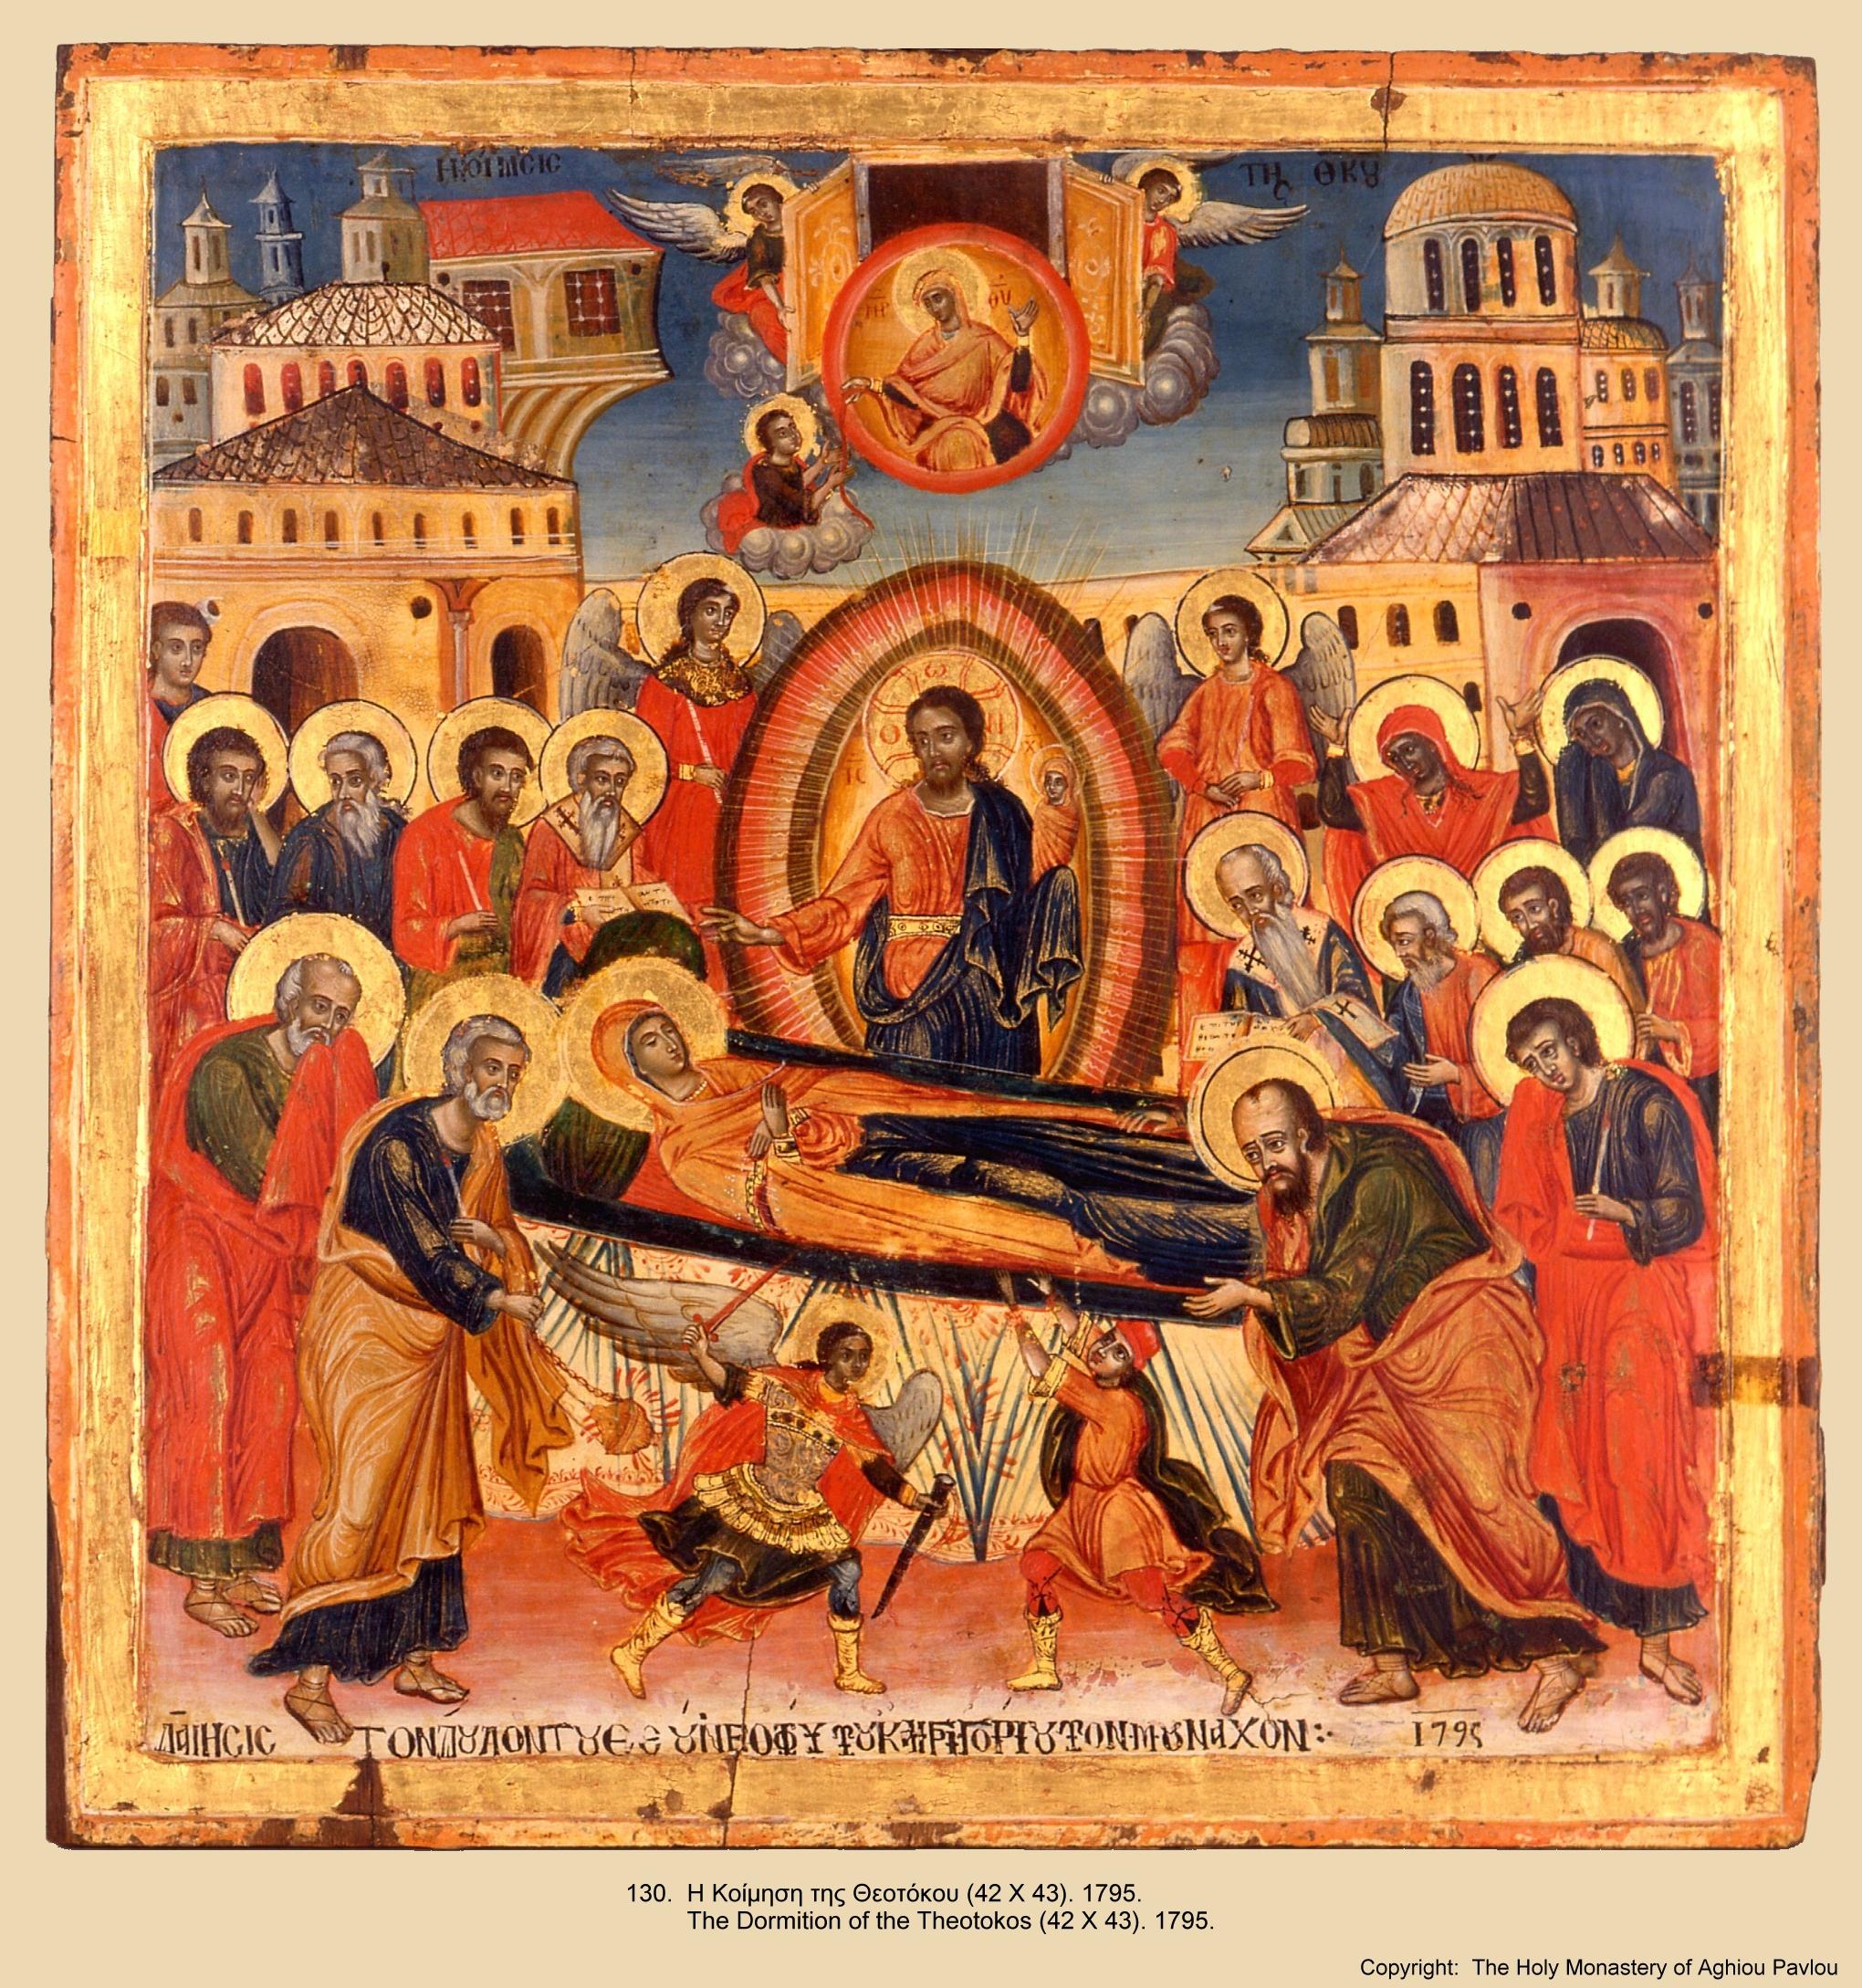 Иконы монастыря св. Павла (129)